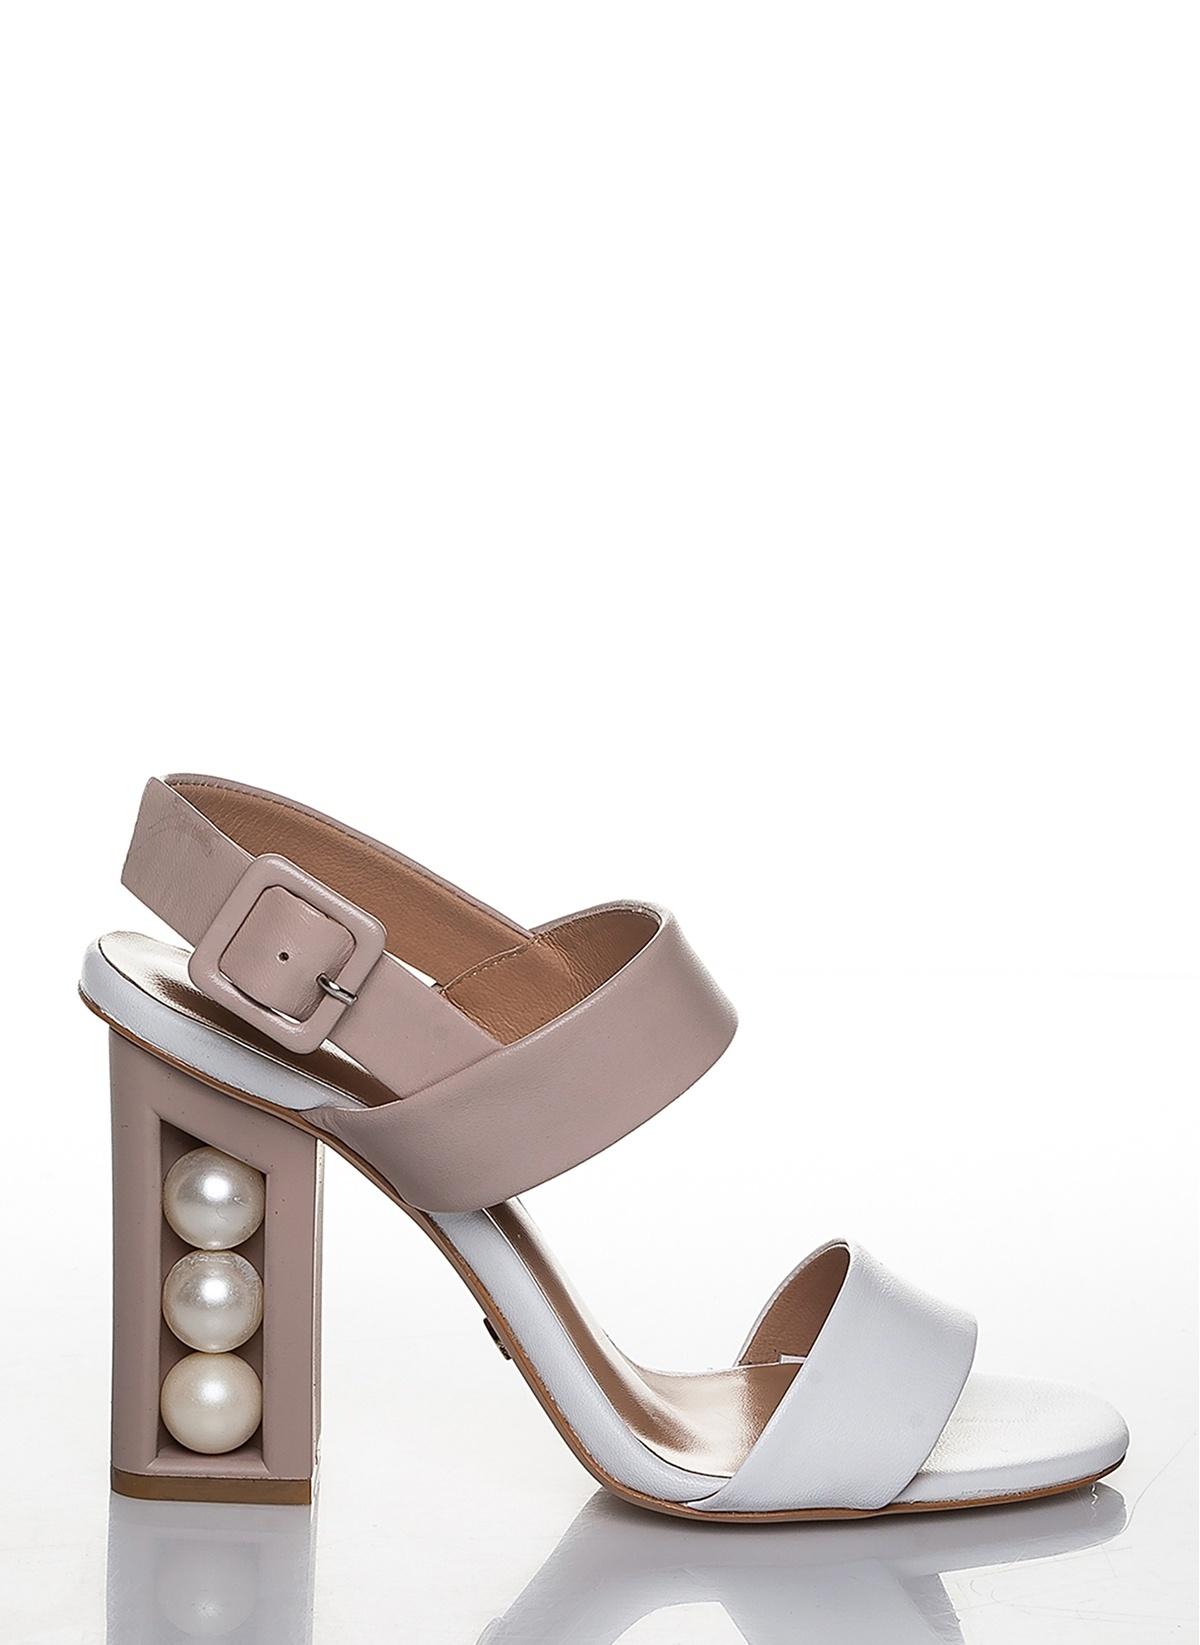 Efem Ayakkabı 19ydvn81-129002 Stiletto – 625.0 TL